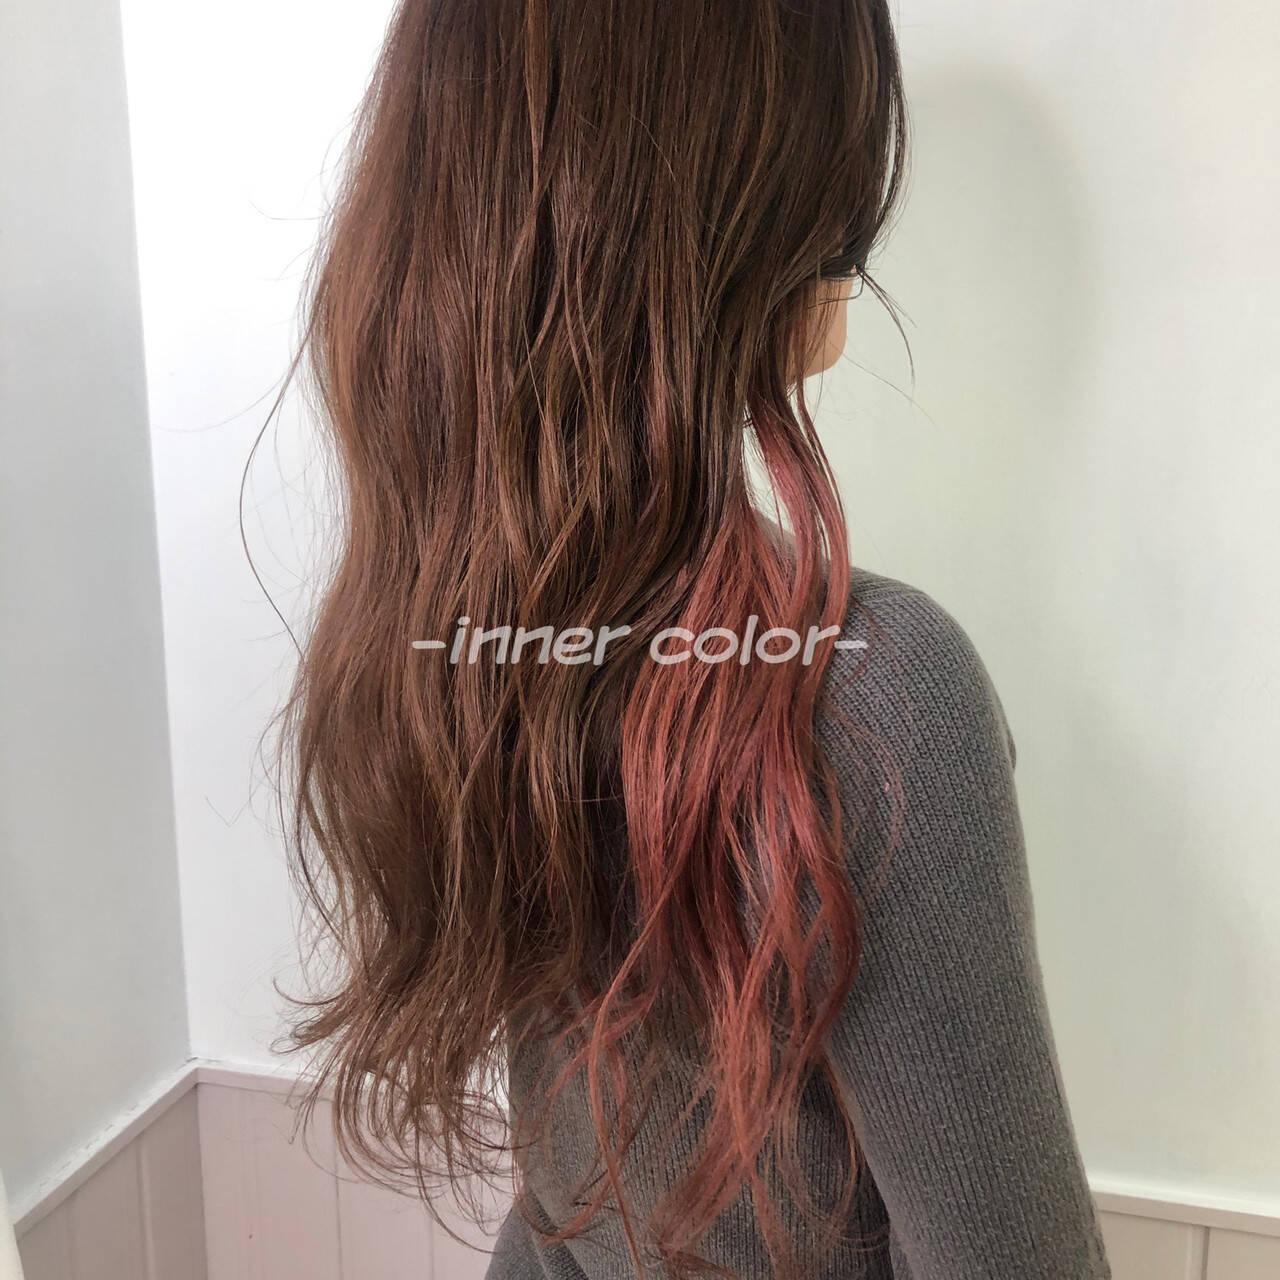 ウルフカット インナーカラー ピンクブラウン ミディアムヘアスタイルや髪型の写真・画像